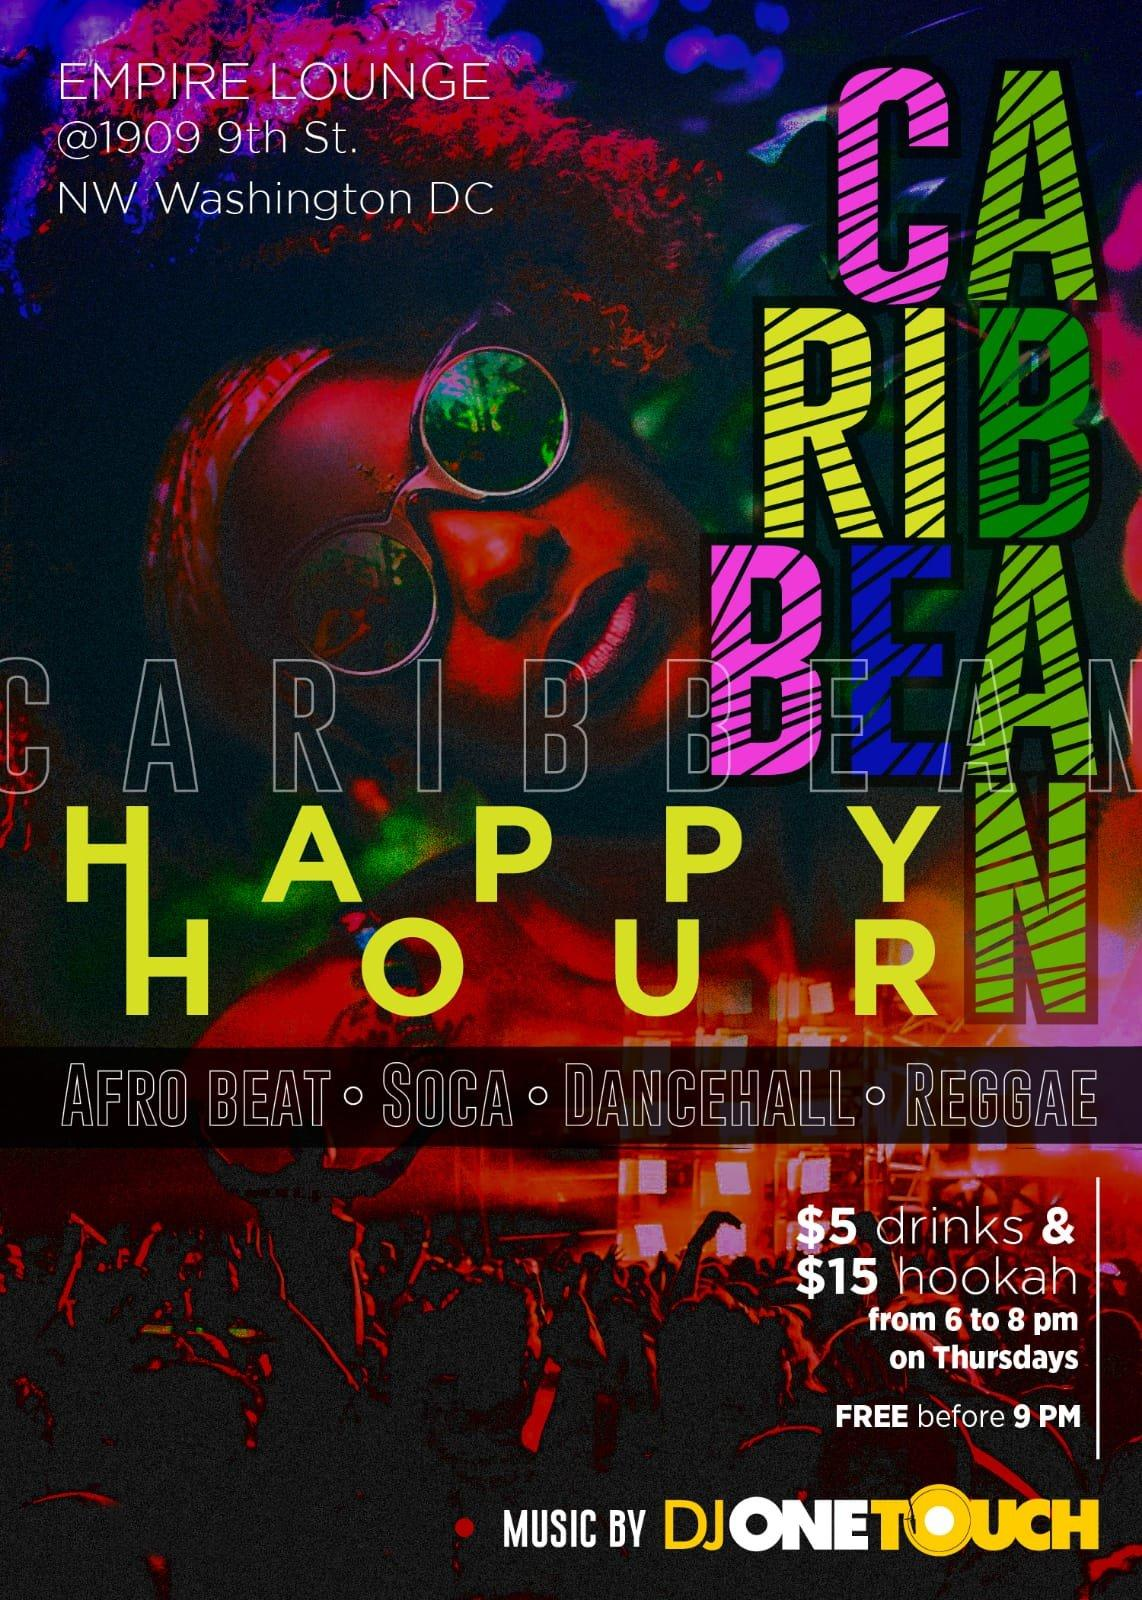 CARIBBEAN THURSDAYS | HAPPY HOUR